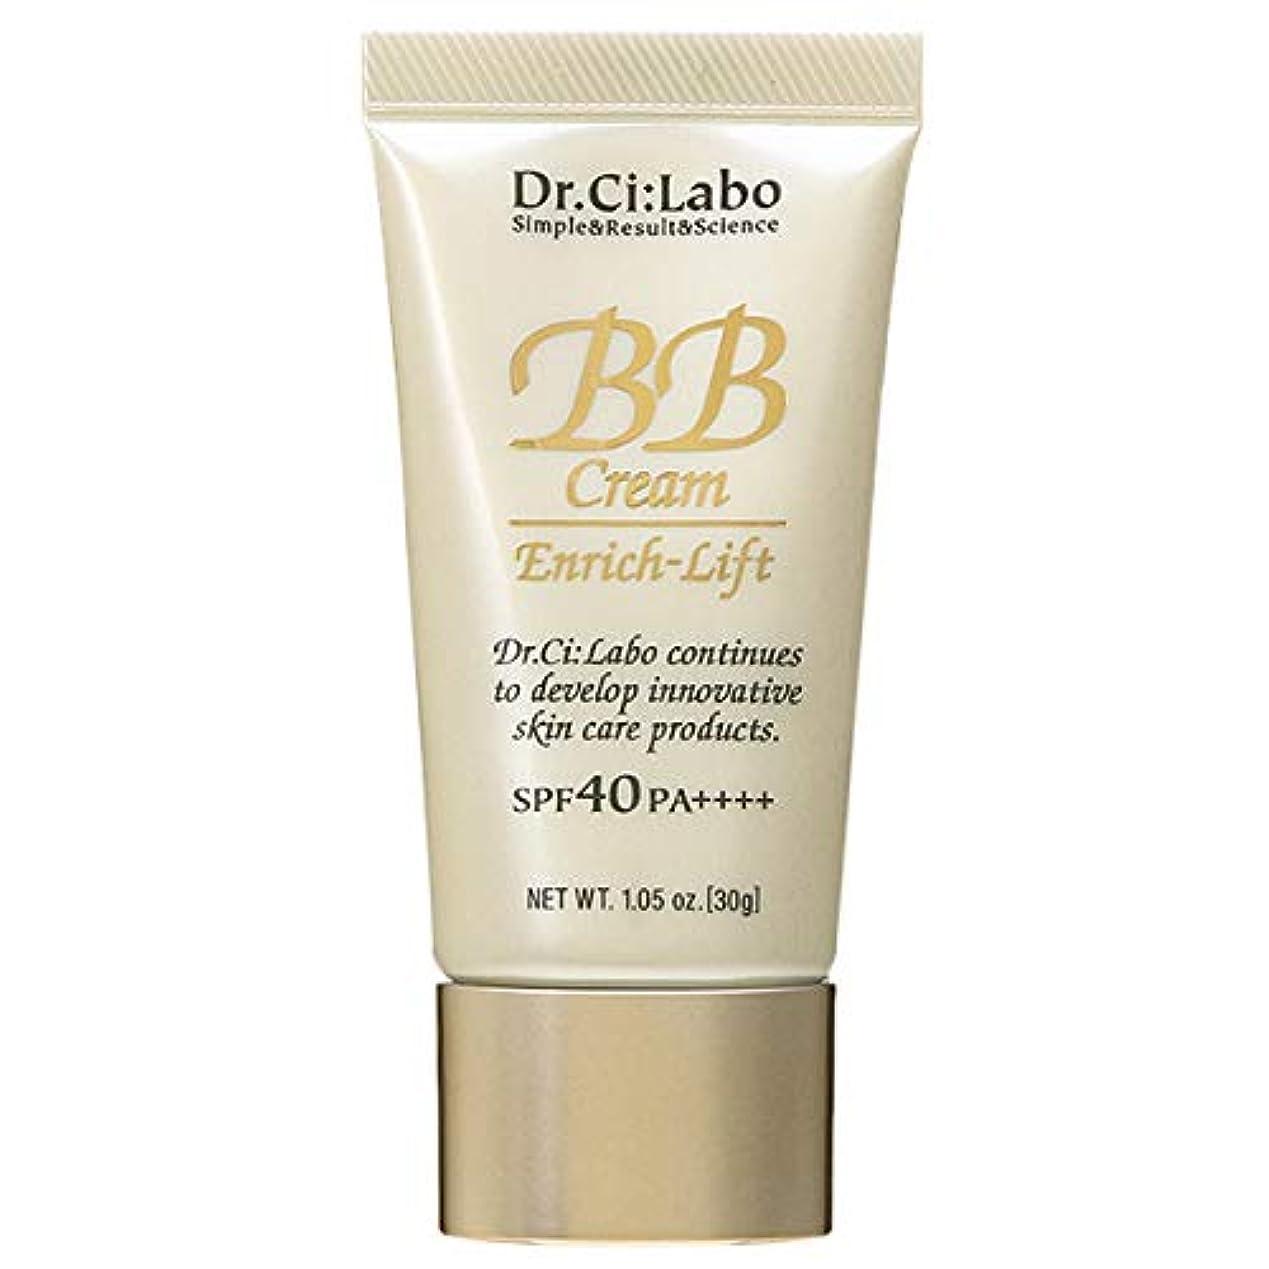 満員尊敬する抜け目のないドクターシーラボ Dr.Ci:Labo BBクリーム エンリッチリフトLN18 SPF40 PA++++ 30g